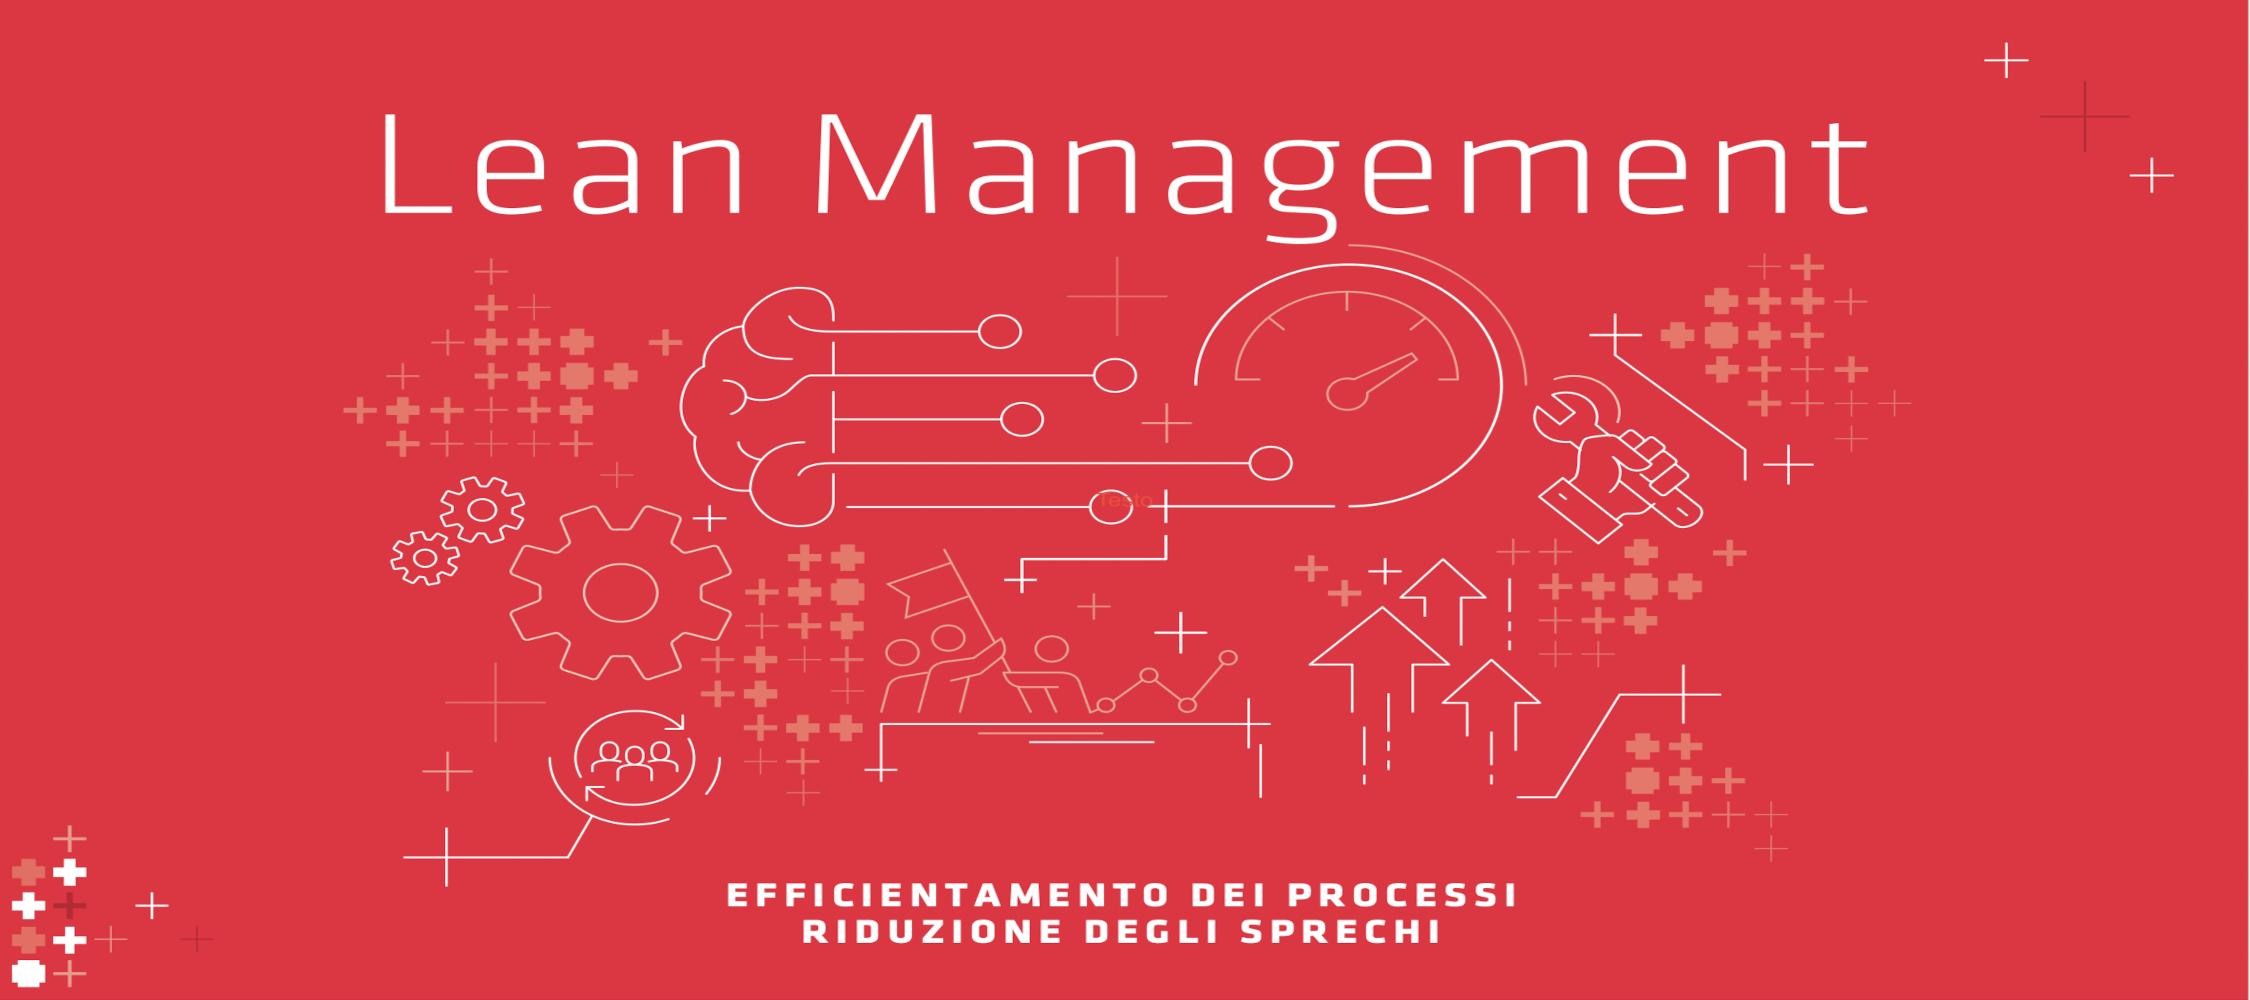 lean management g